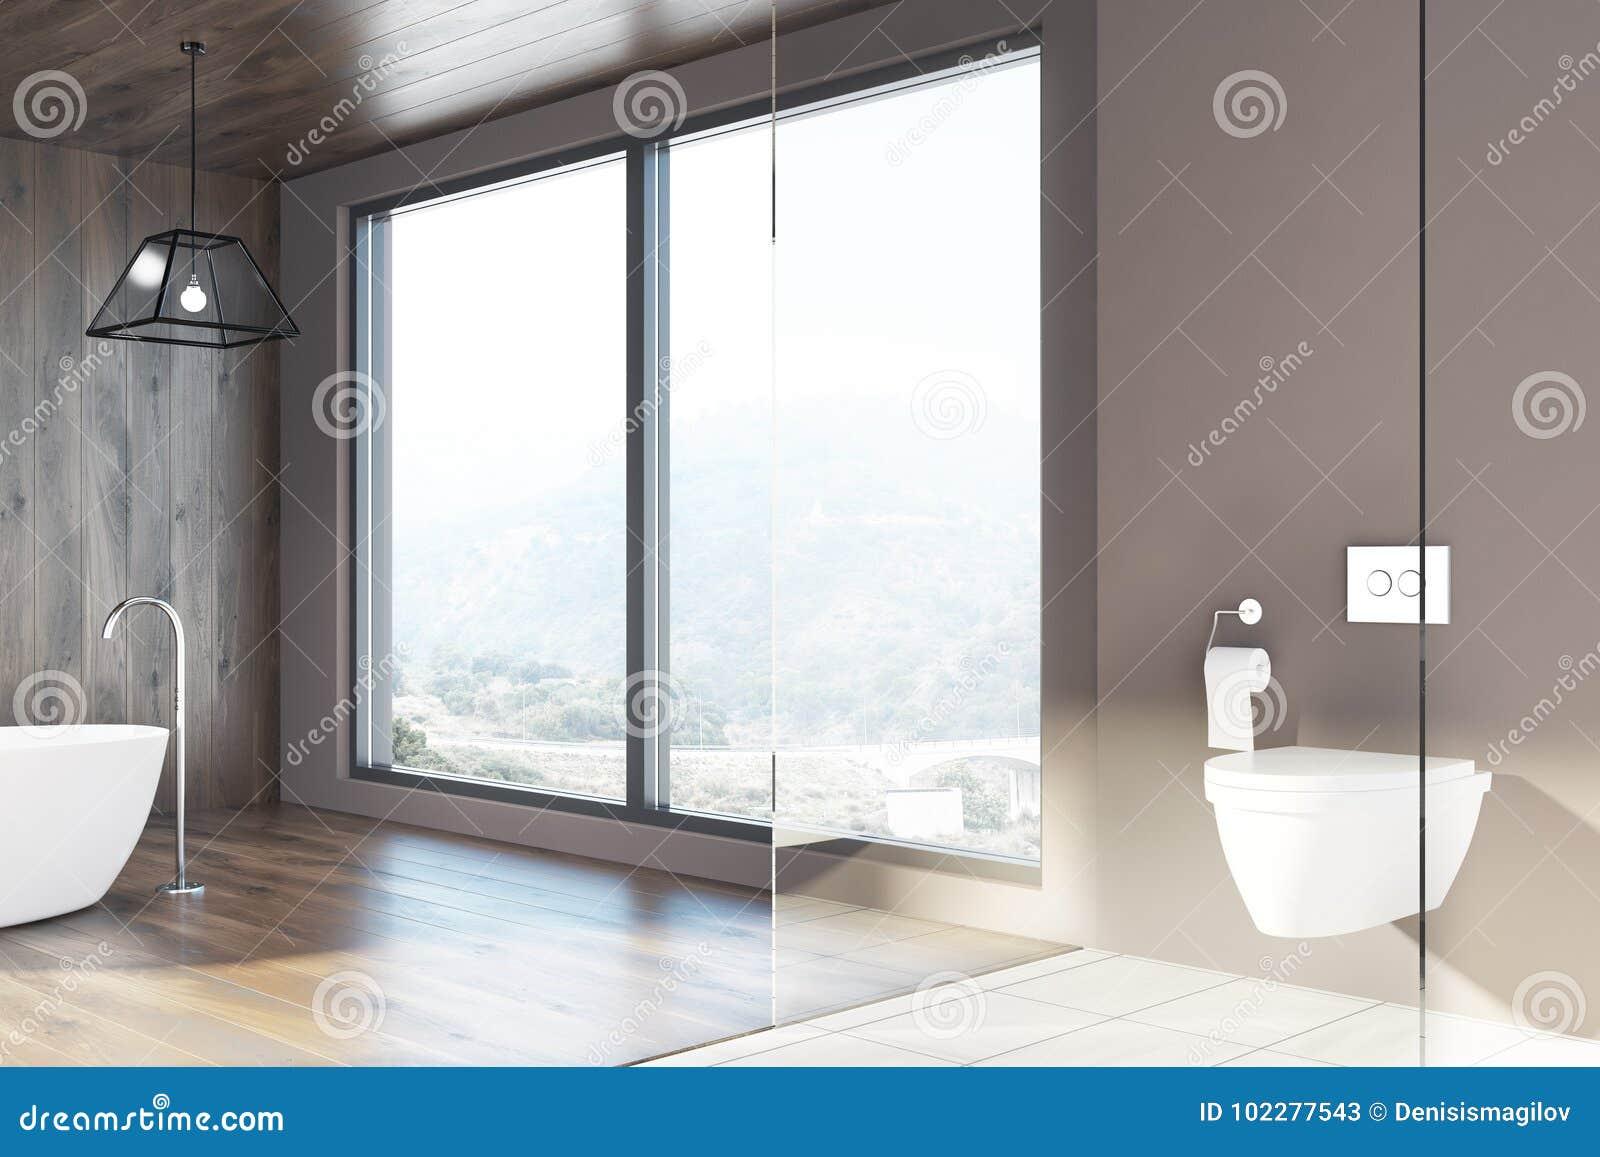 Ванная комната просторной квартиры, деревянные стены, белый ушат, туалет